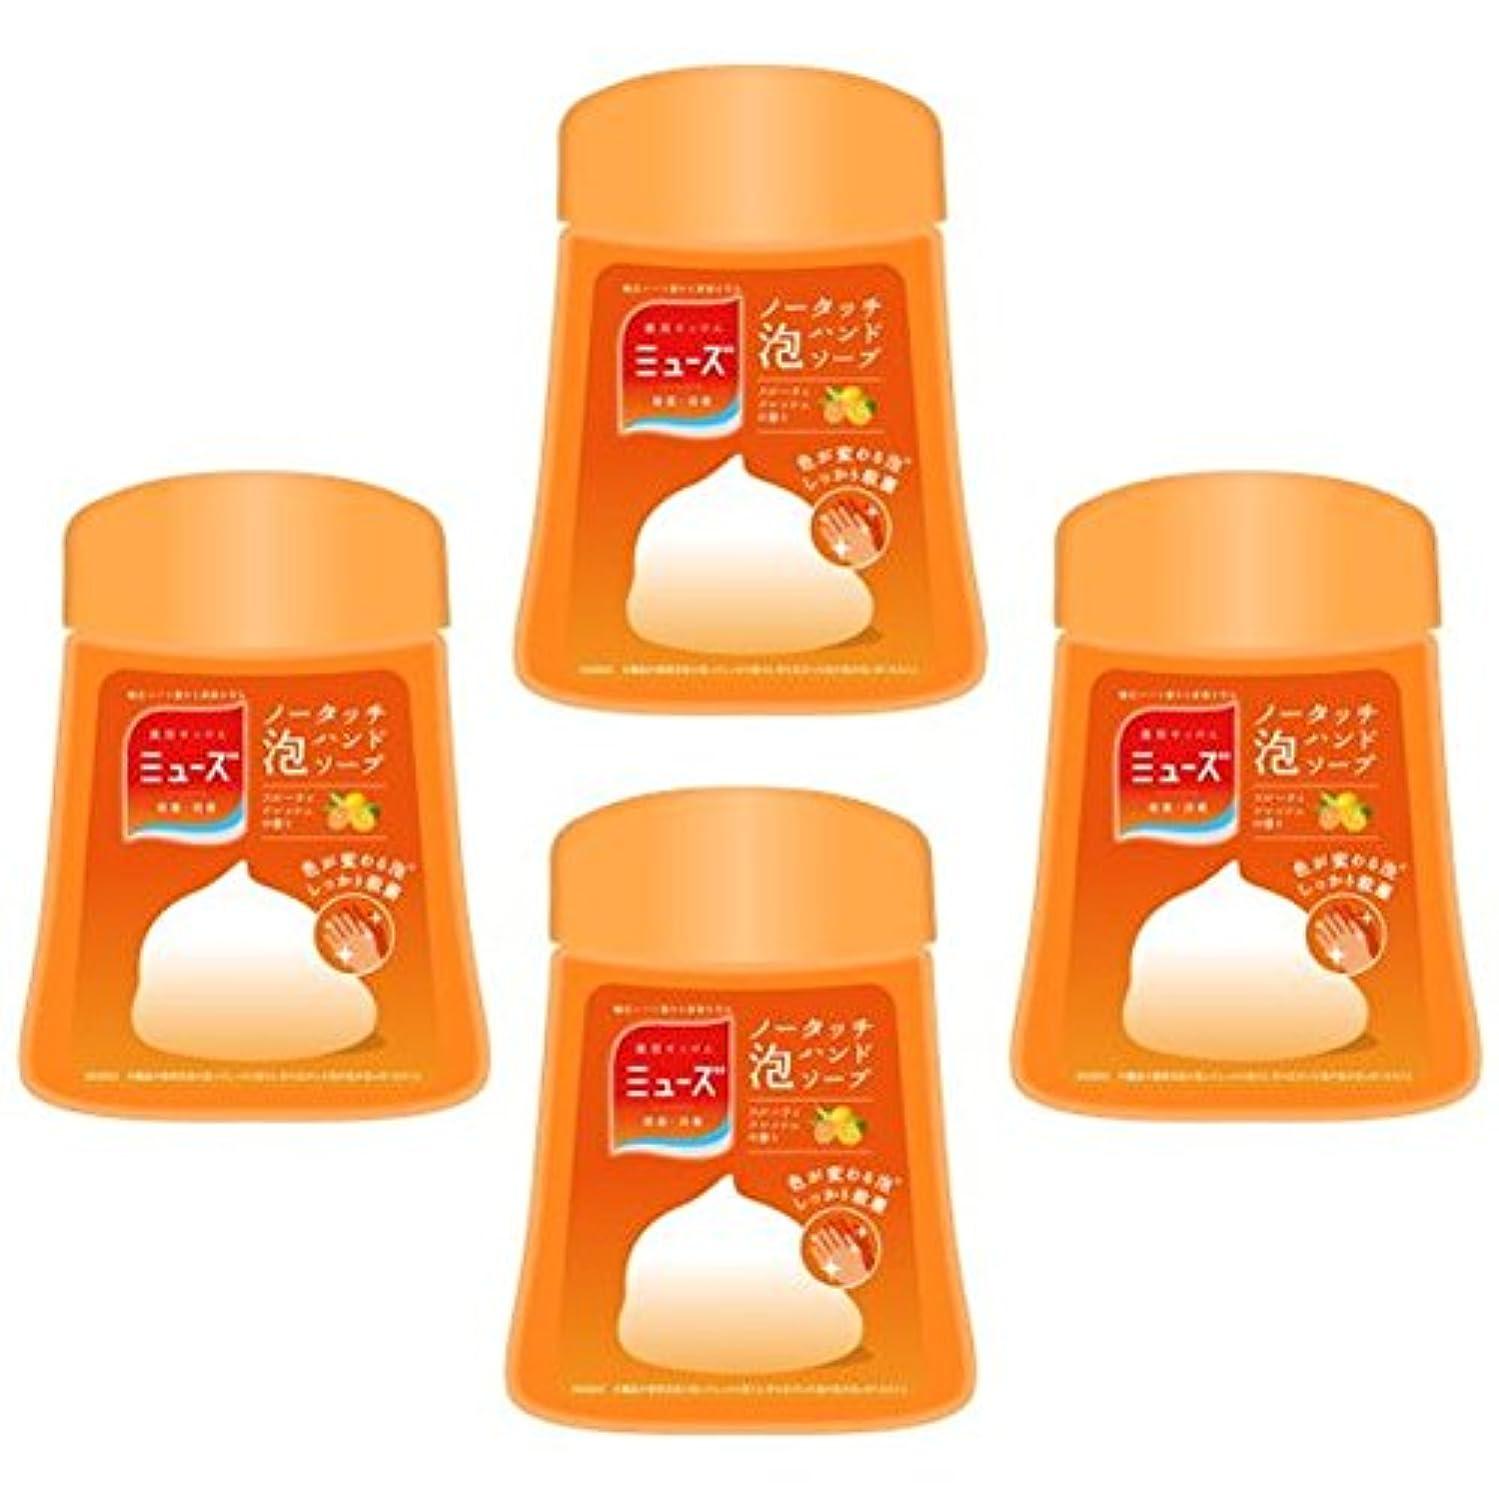 乳製品鎮痛剤余計なミューズ ノータッチ 泡ハンドソープ 詰替 フルーティフレッシュ 250ml×4個